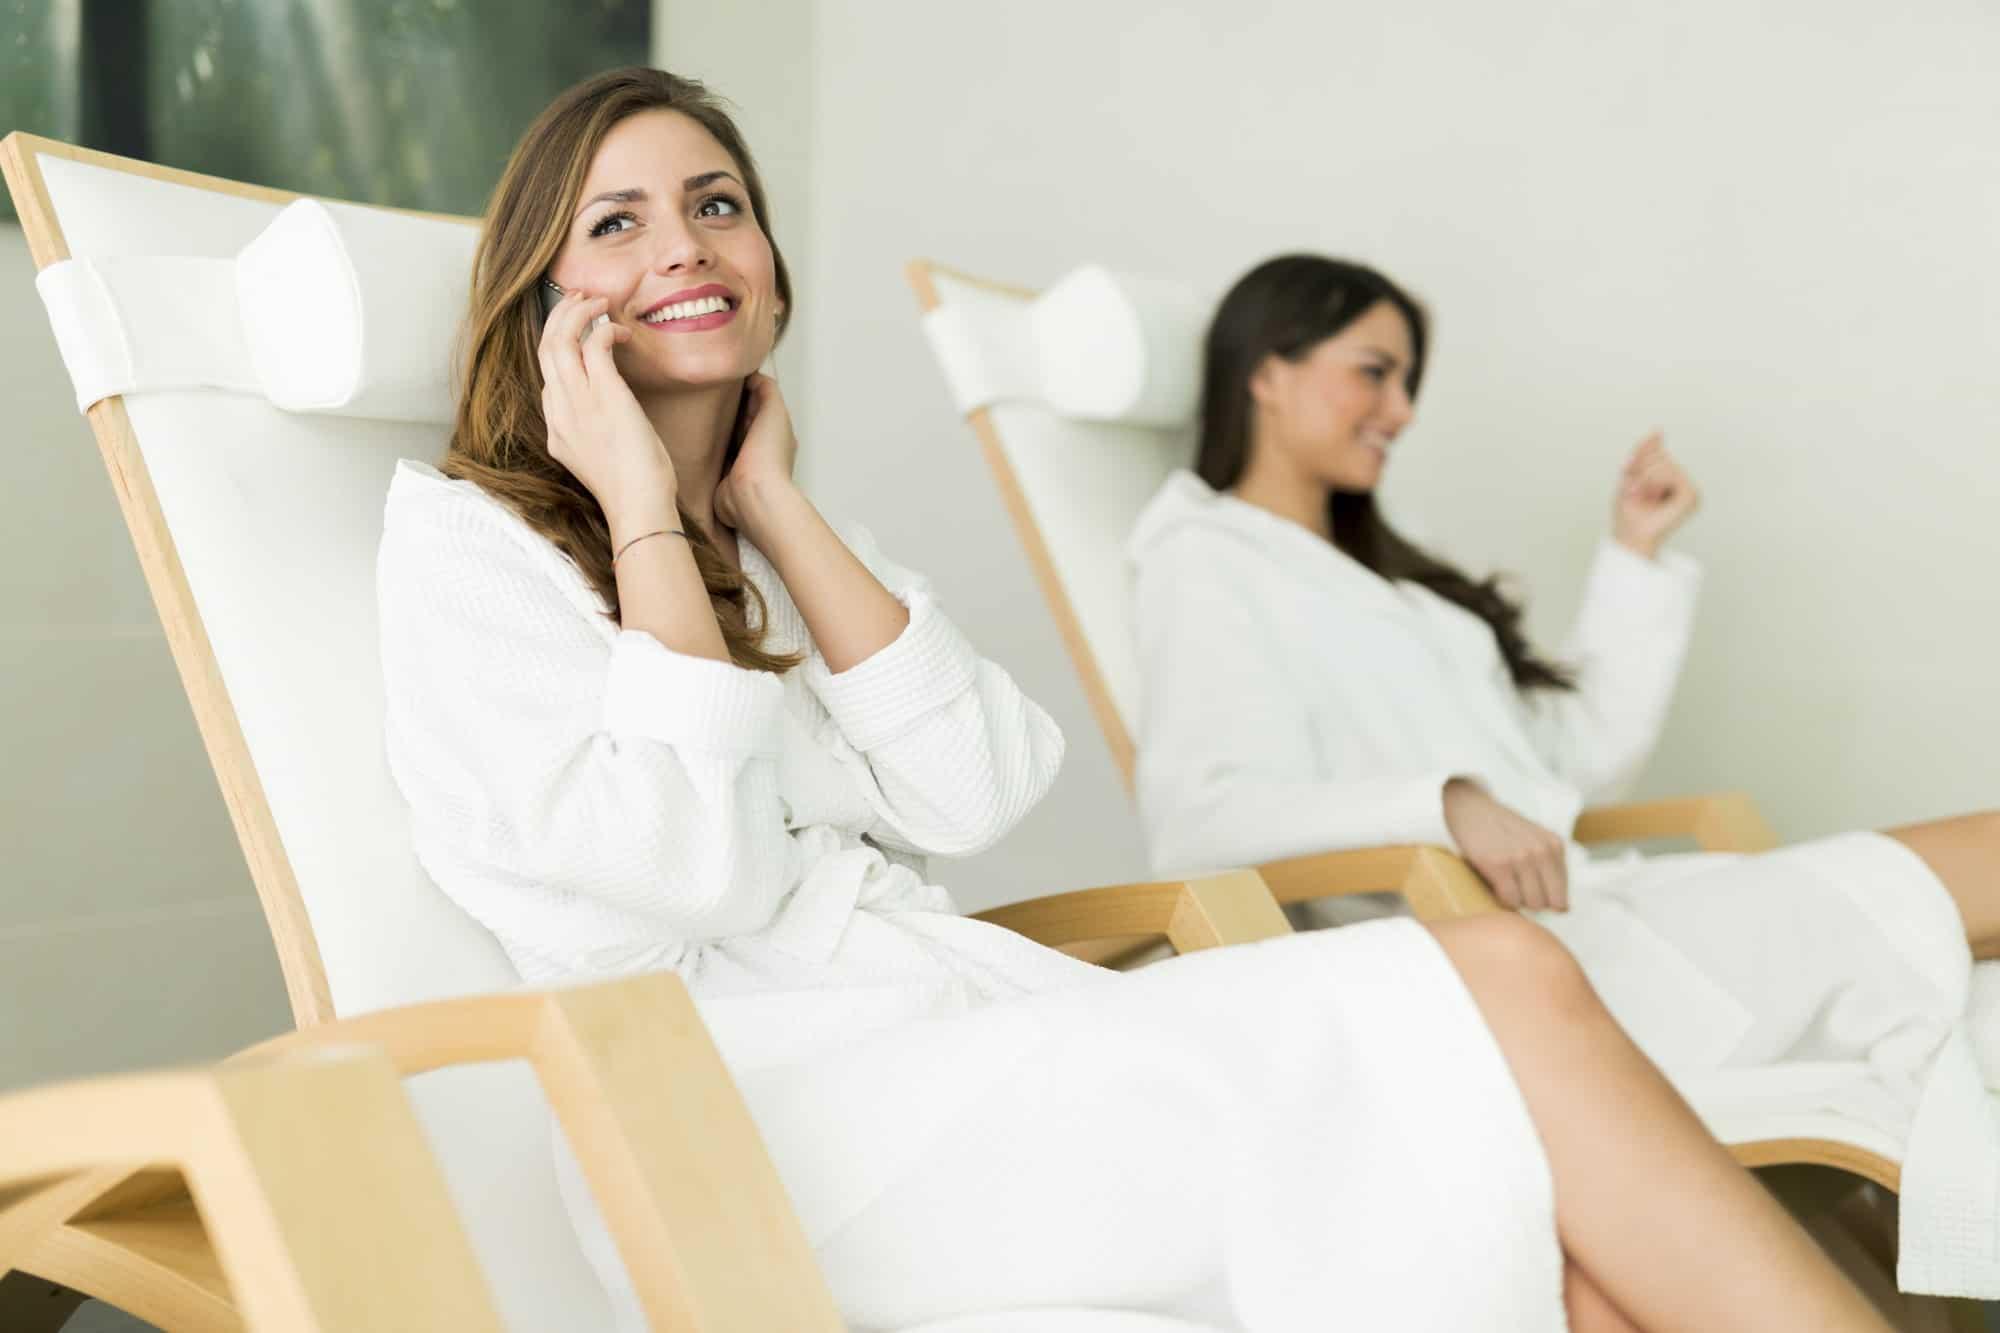 zwei Frauen in Bademäntel machen Ruhepause nach Sauna